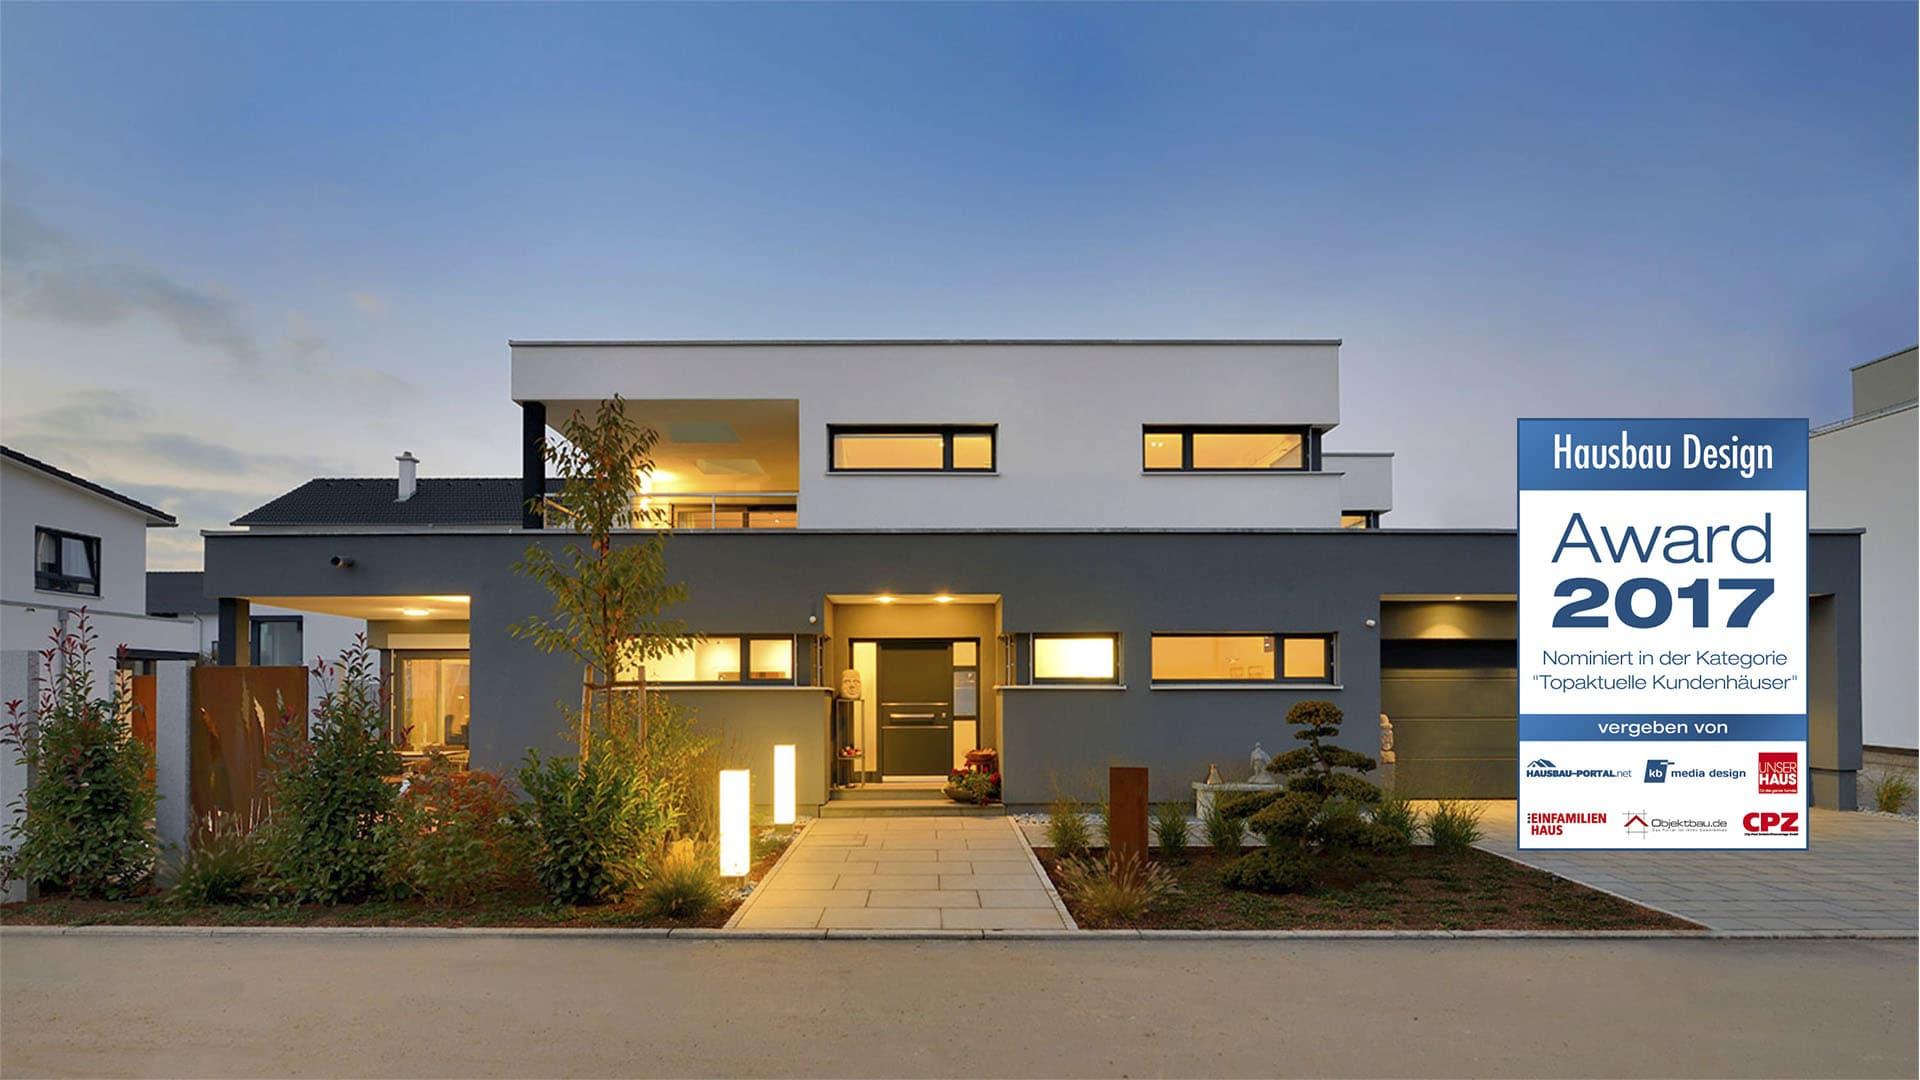 Nominiert für den Hausbau Design Award in der Kategorie Topaktuelle Kundenhäuser - Haus Geyer